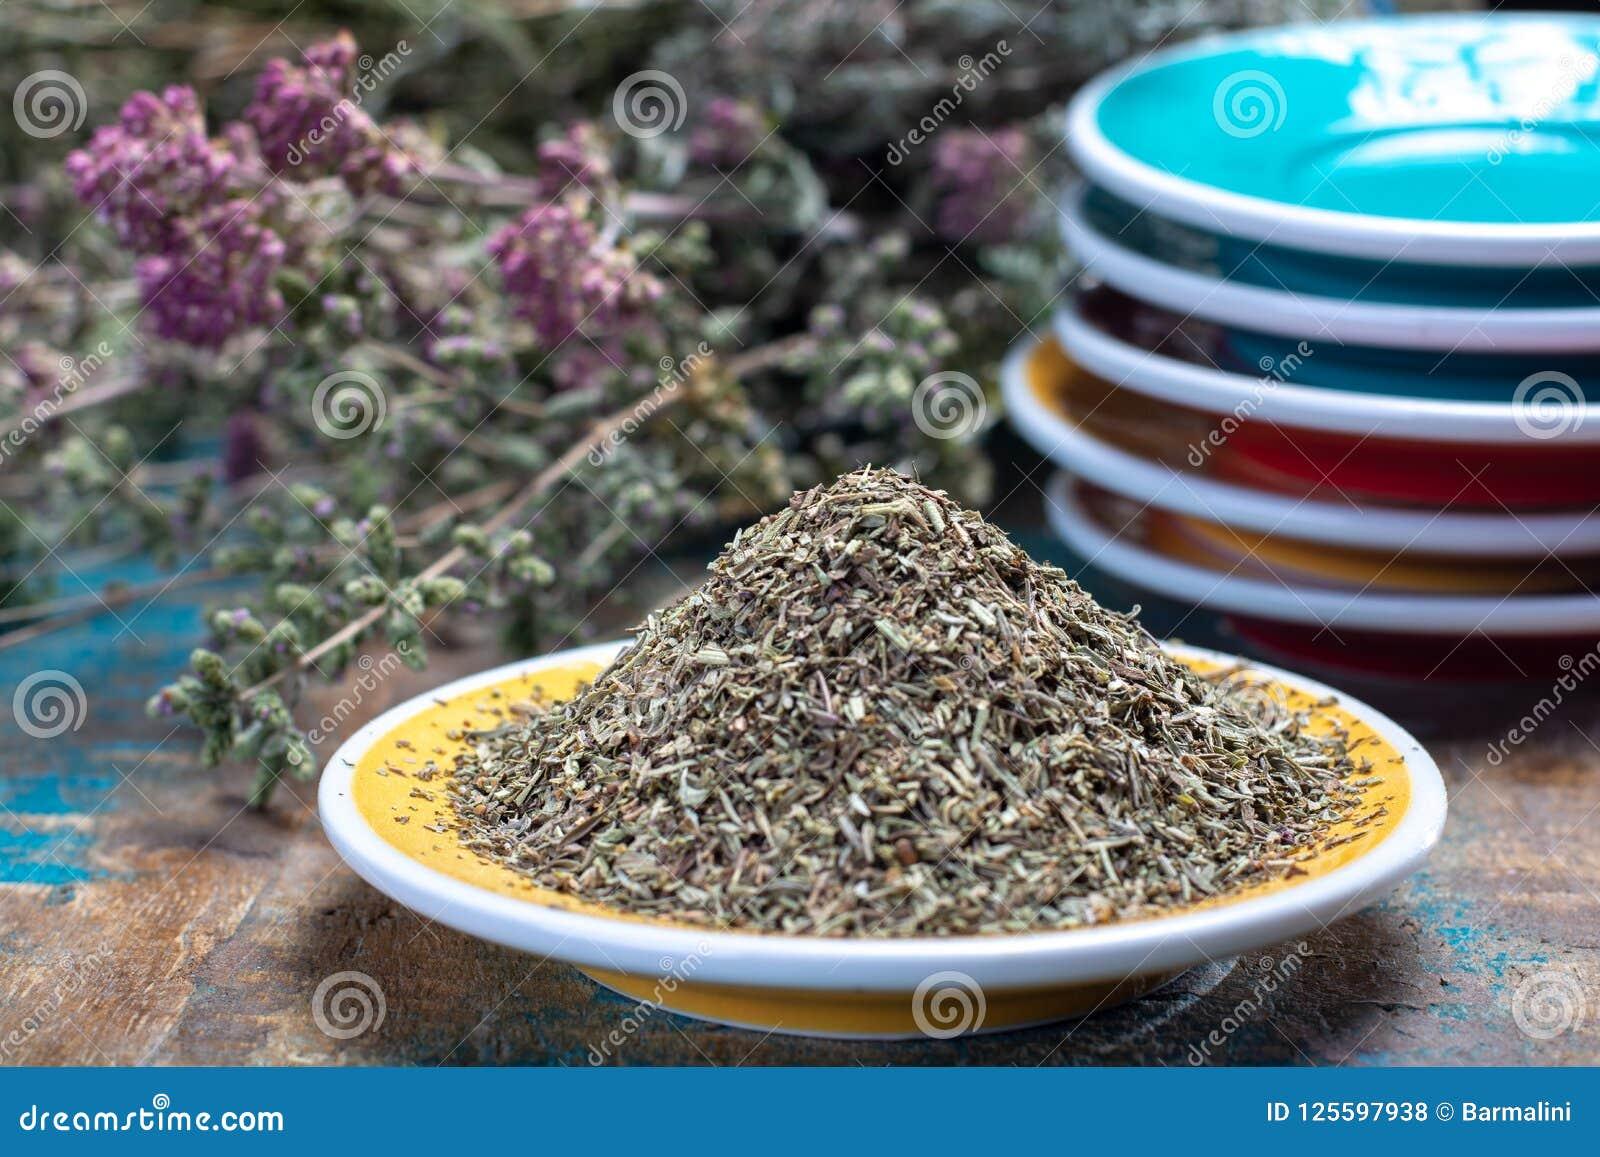 Herbes de Провансаль, смесь высушенных трав учитывало типичный